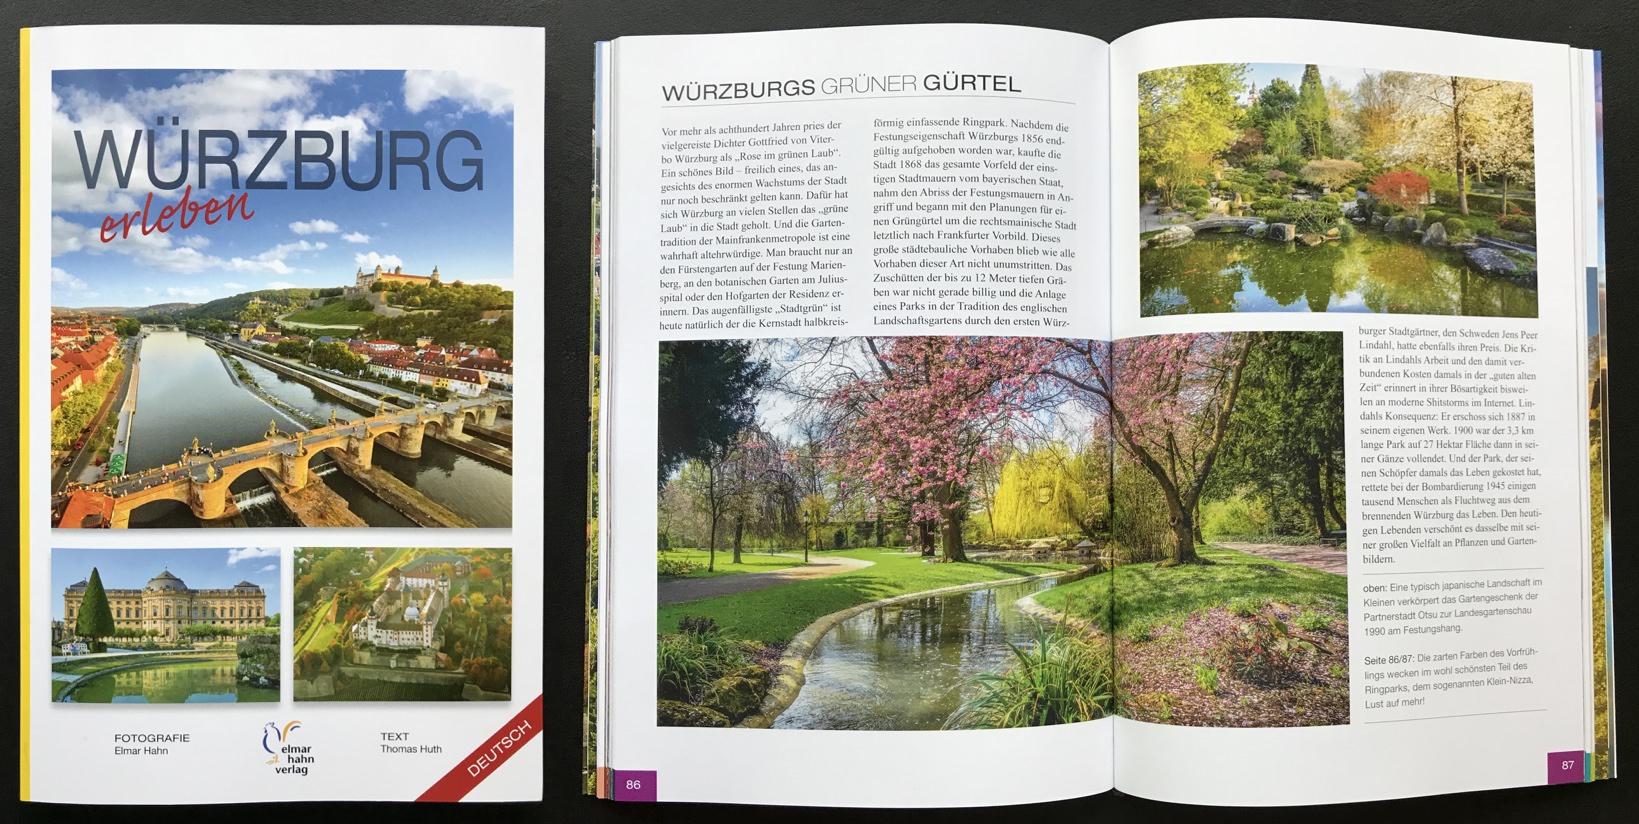 wuerzburg-erleben-fruehling-gruen-foto